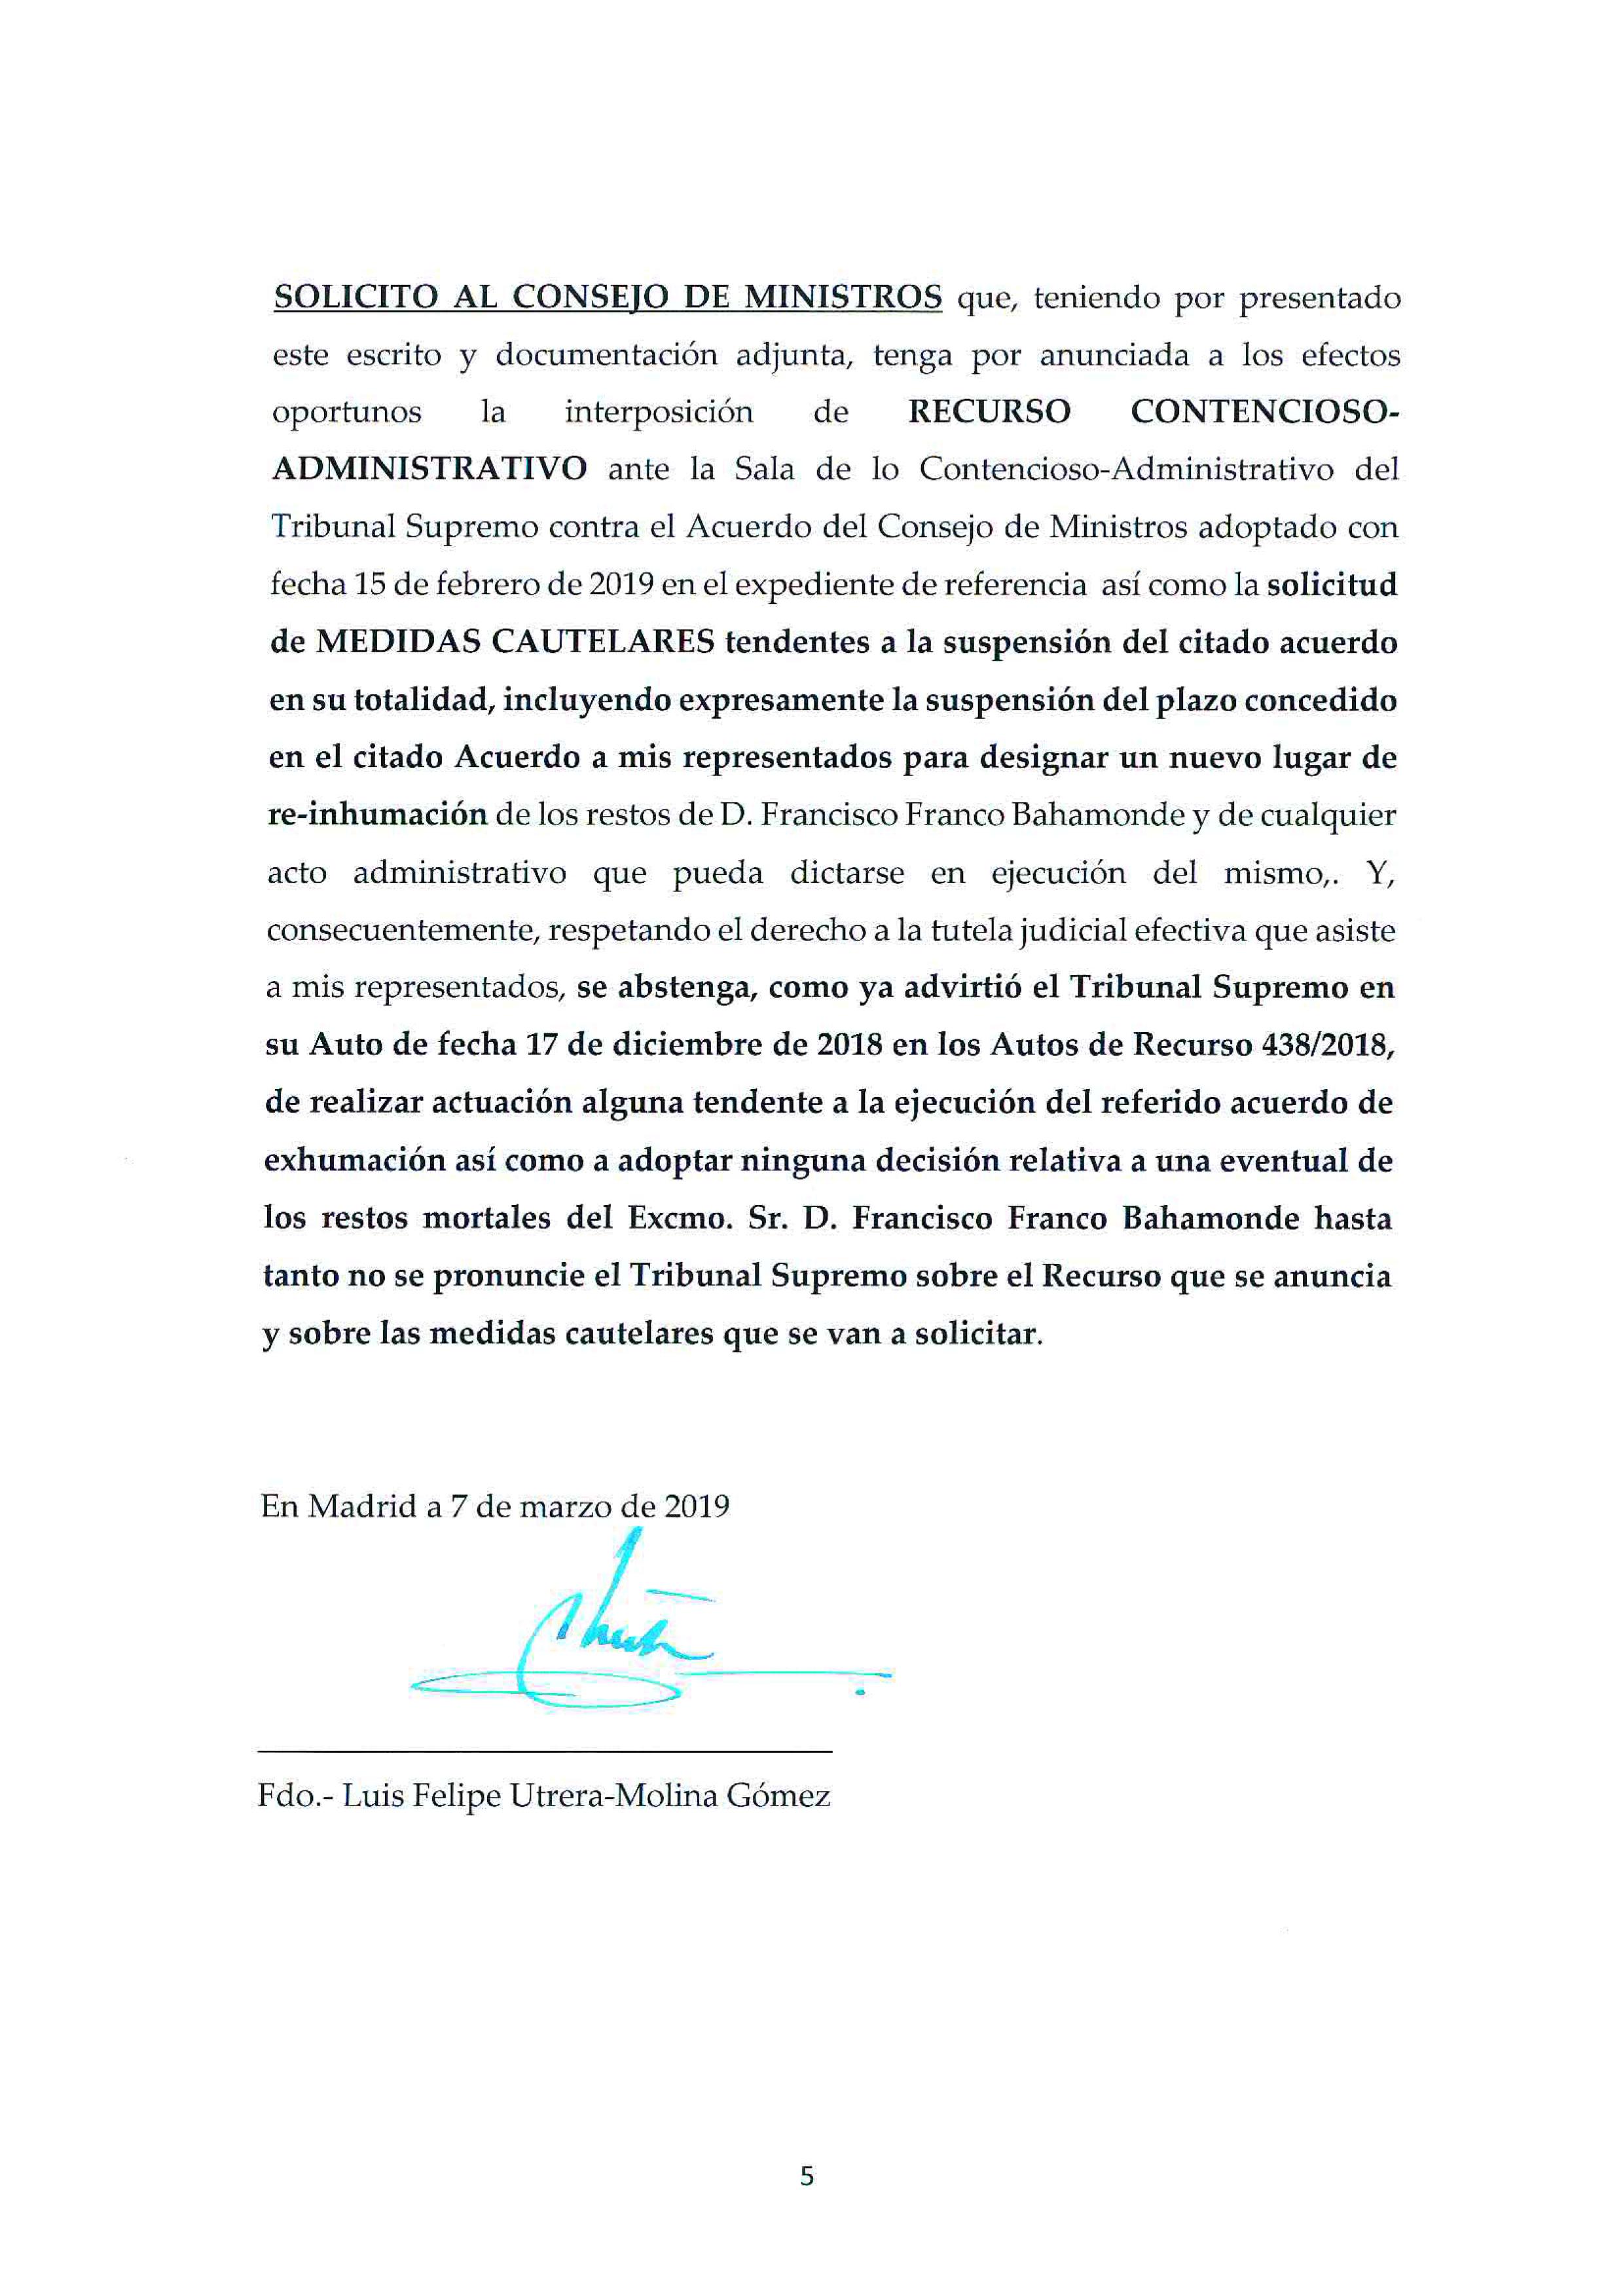 Escrito_al_Consejo_de_Ministros_anunciando_interposición_de_RCA_07.03_-_5